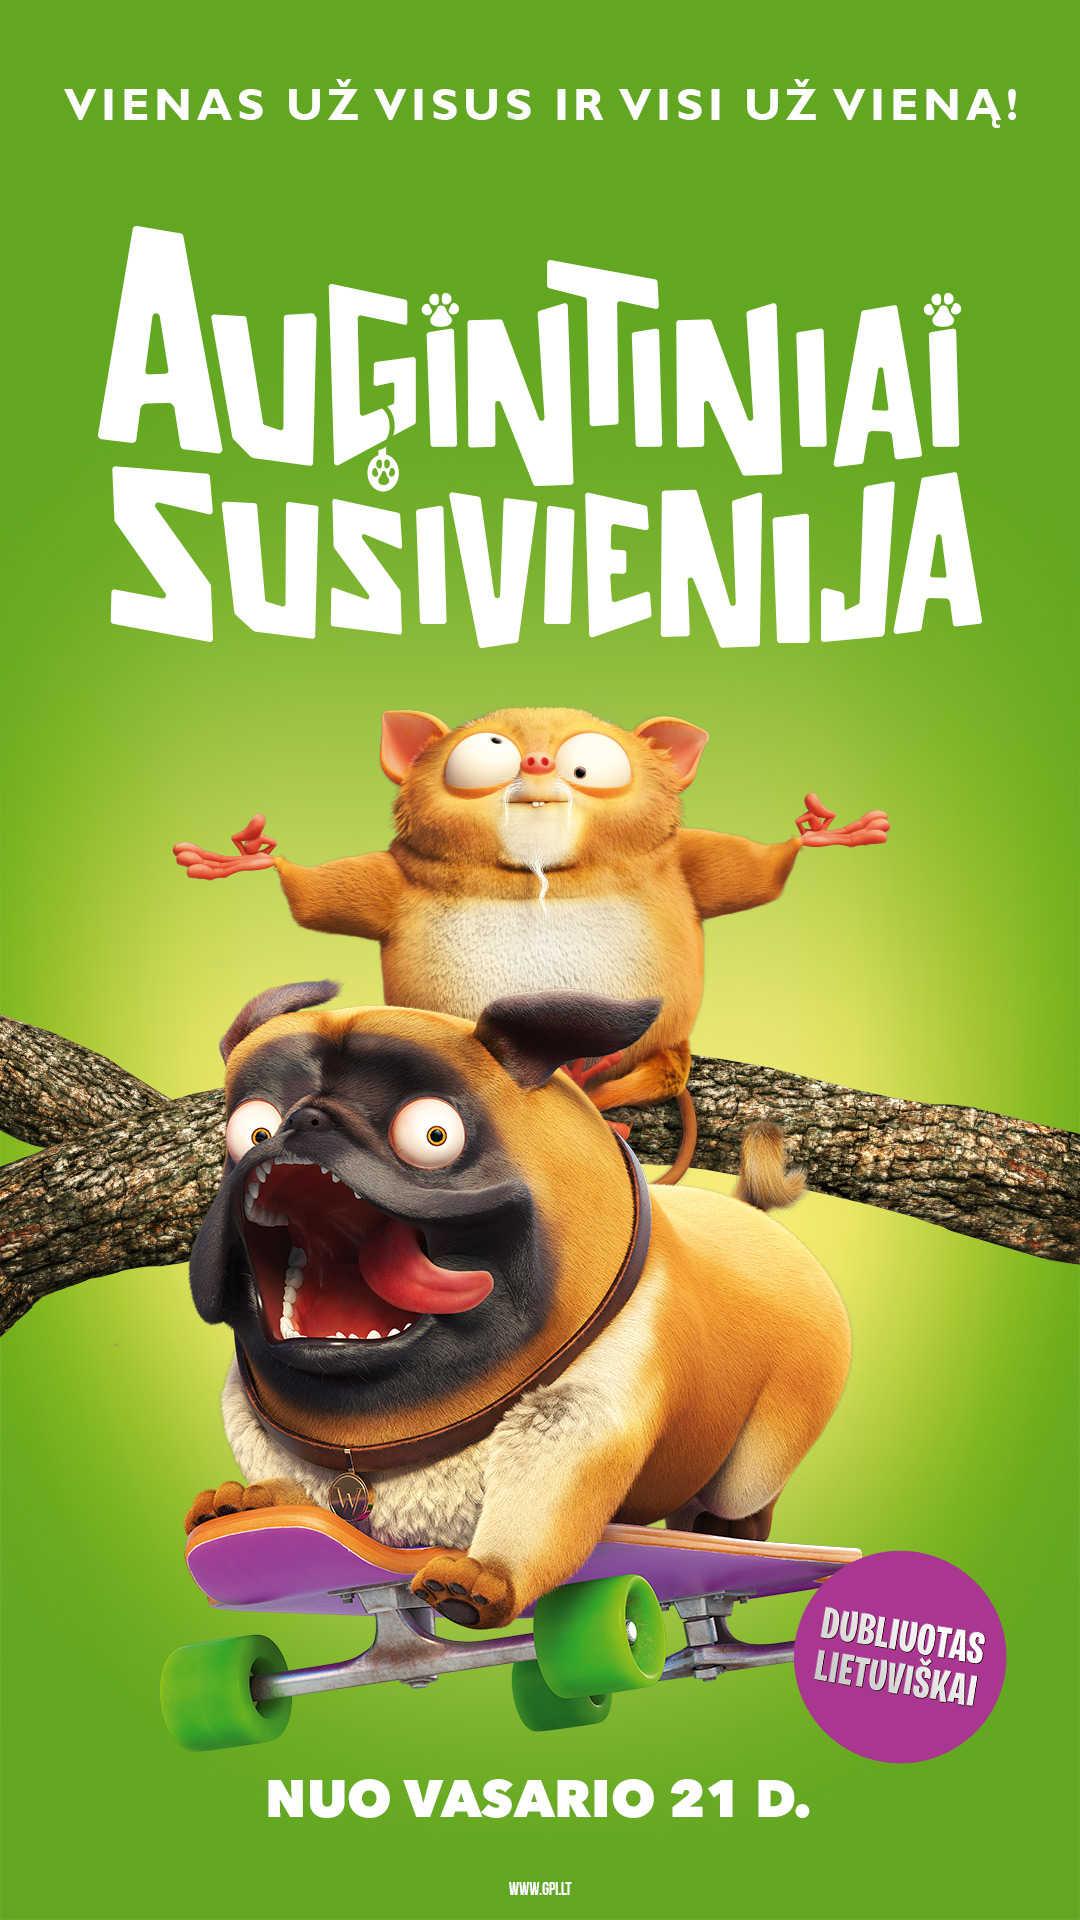 AUGINTINIAI SUSIVIENIJA (Pets United)